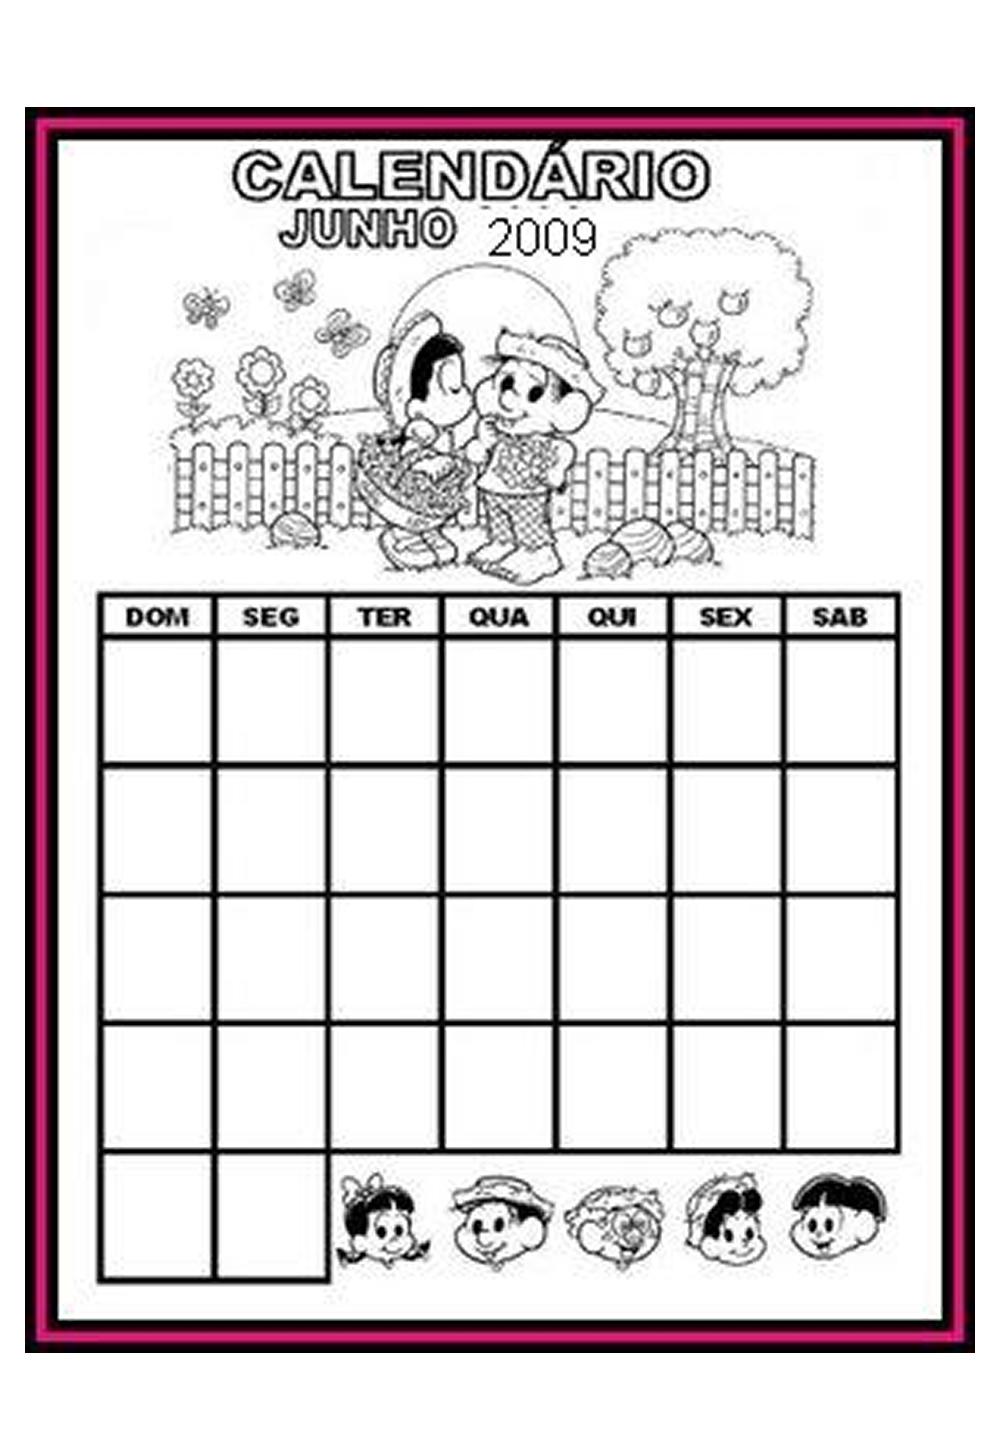 Atividades Festa Junina Educação para Educação Infantil – Calendário de Festa Junina